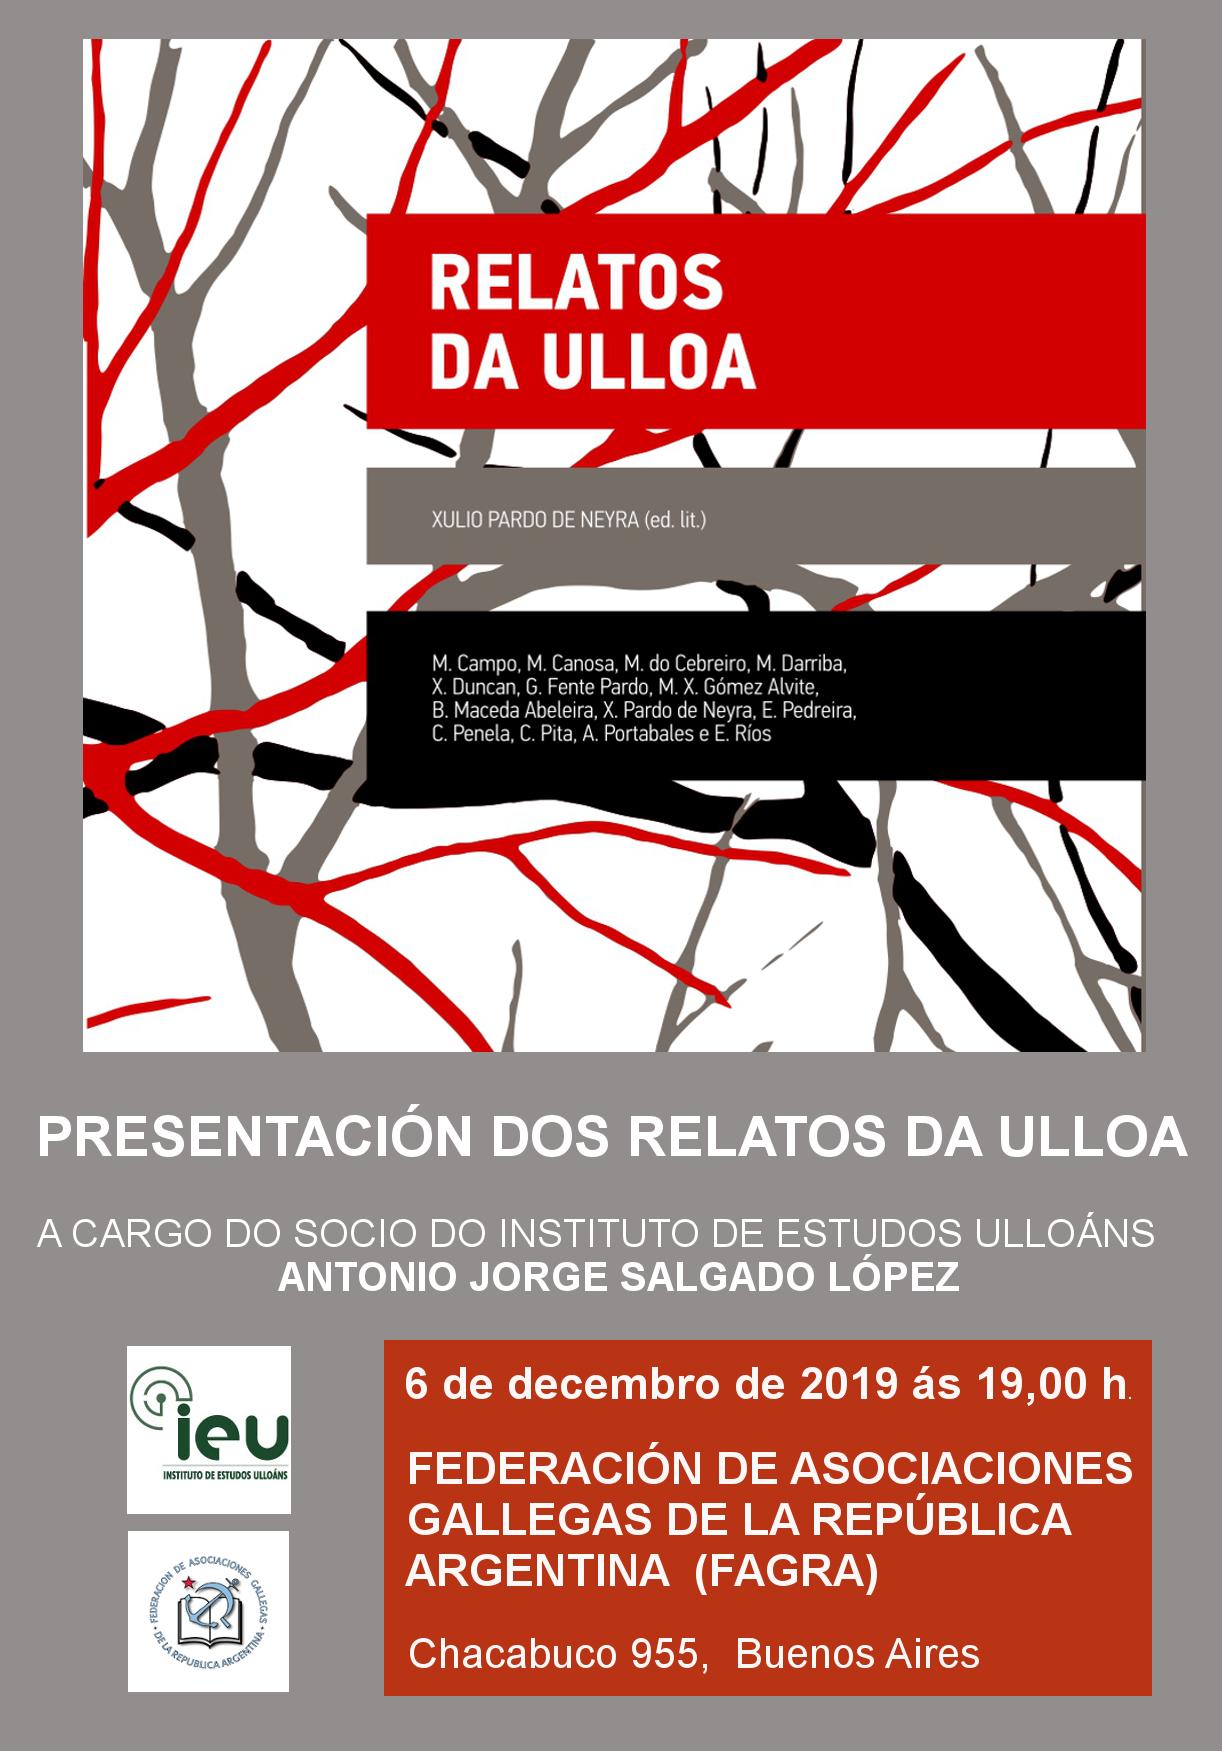 Presentación Relatos Ulloa en Buenos Aires, IEU, Instituto de Estudos Ulloáns